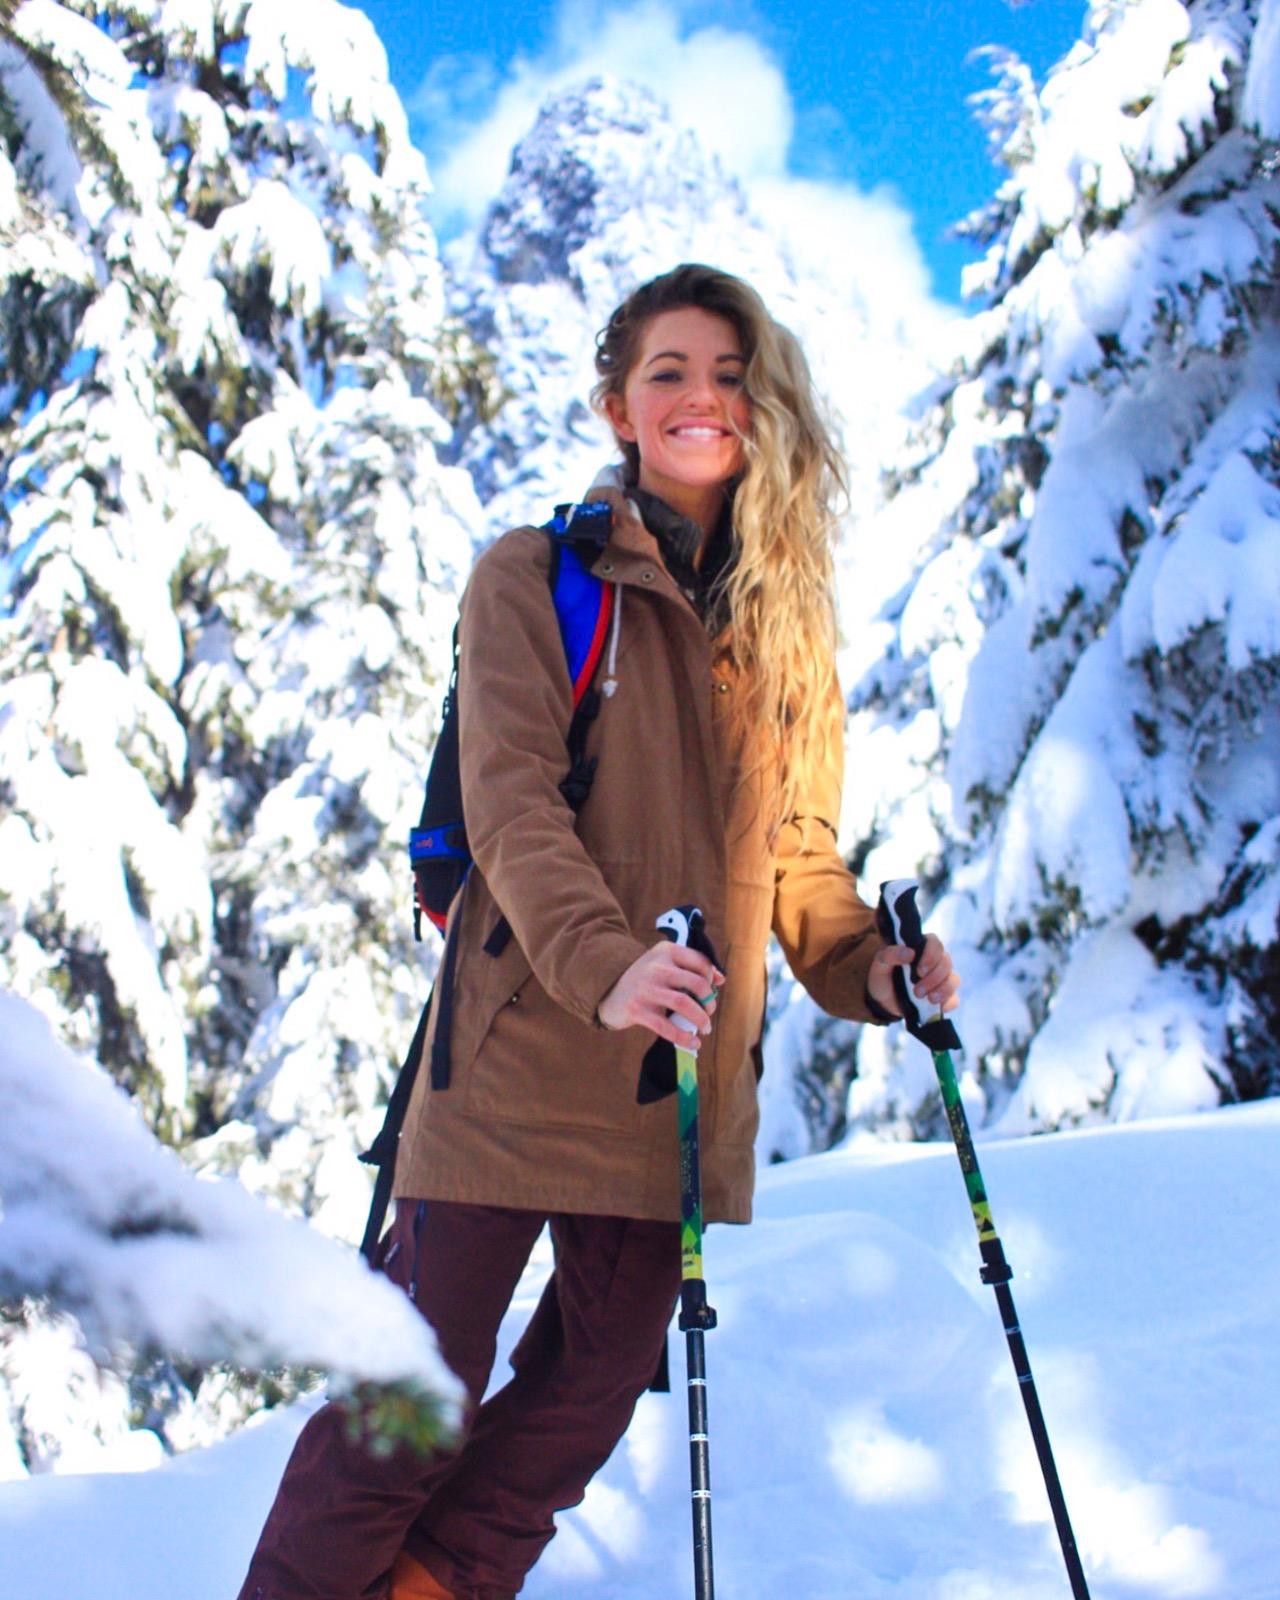 skier girl.JPG